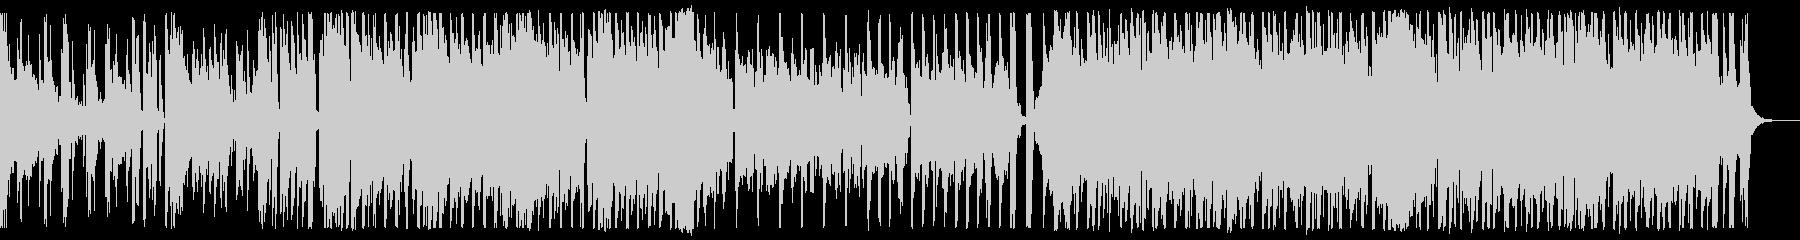 おしゃれ/J-pop_No590_3の未再生の波形